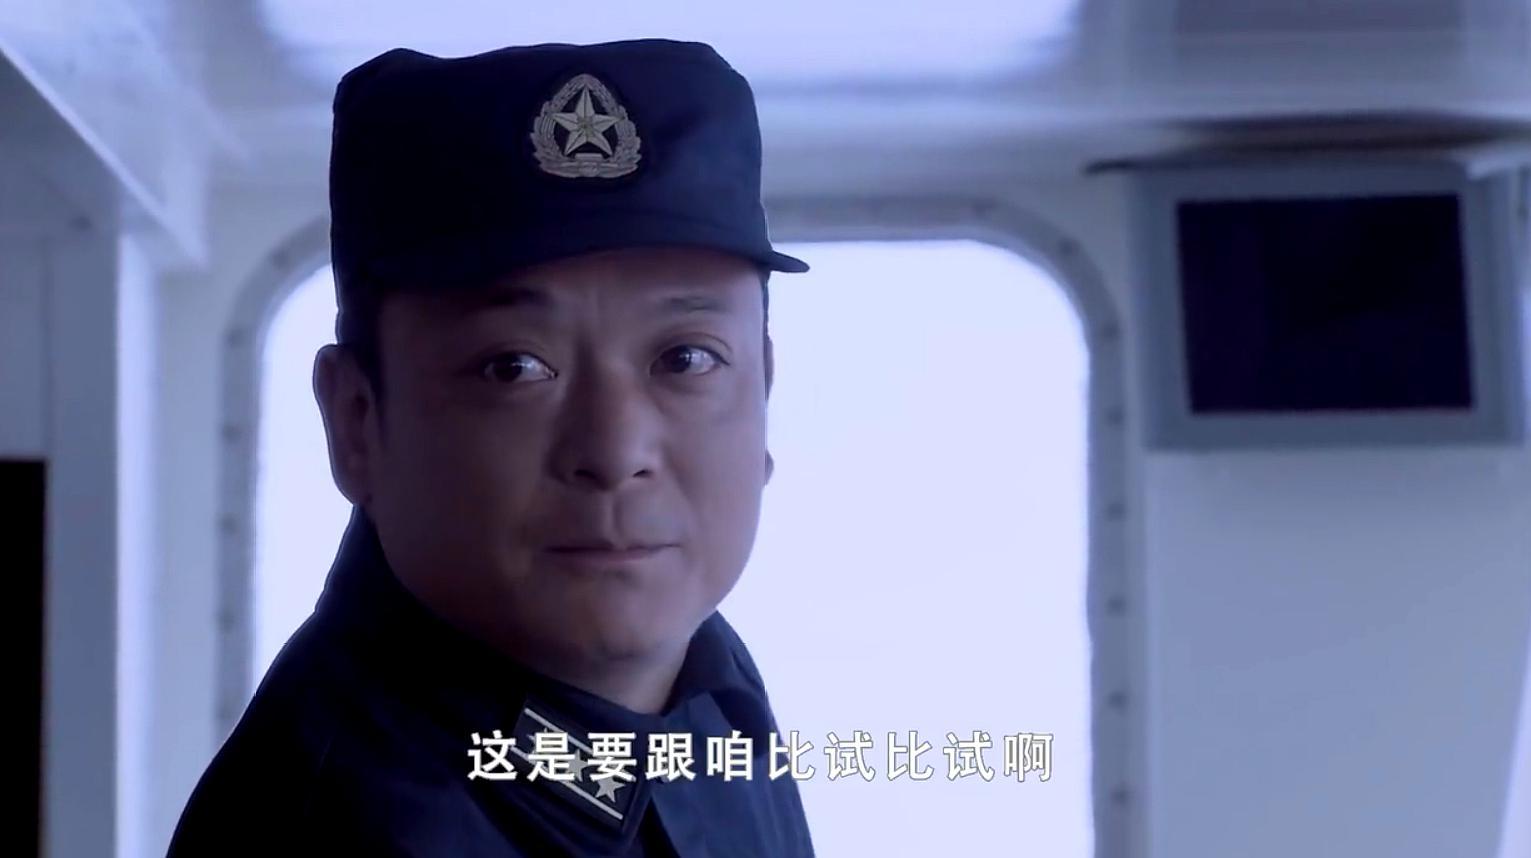 俄军海军军事演习同行!中国海军领导:露两手让他们瞧瞧厉害!